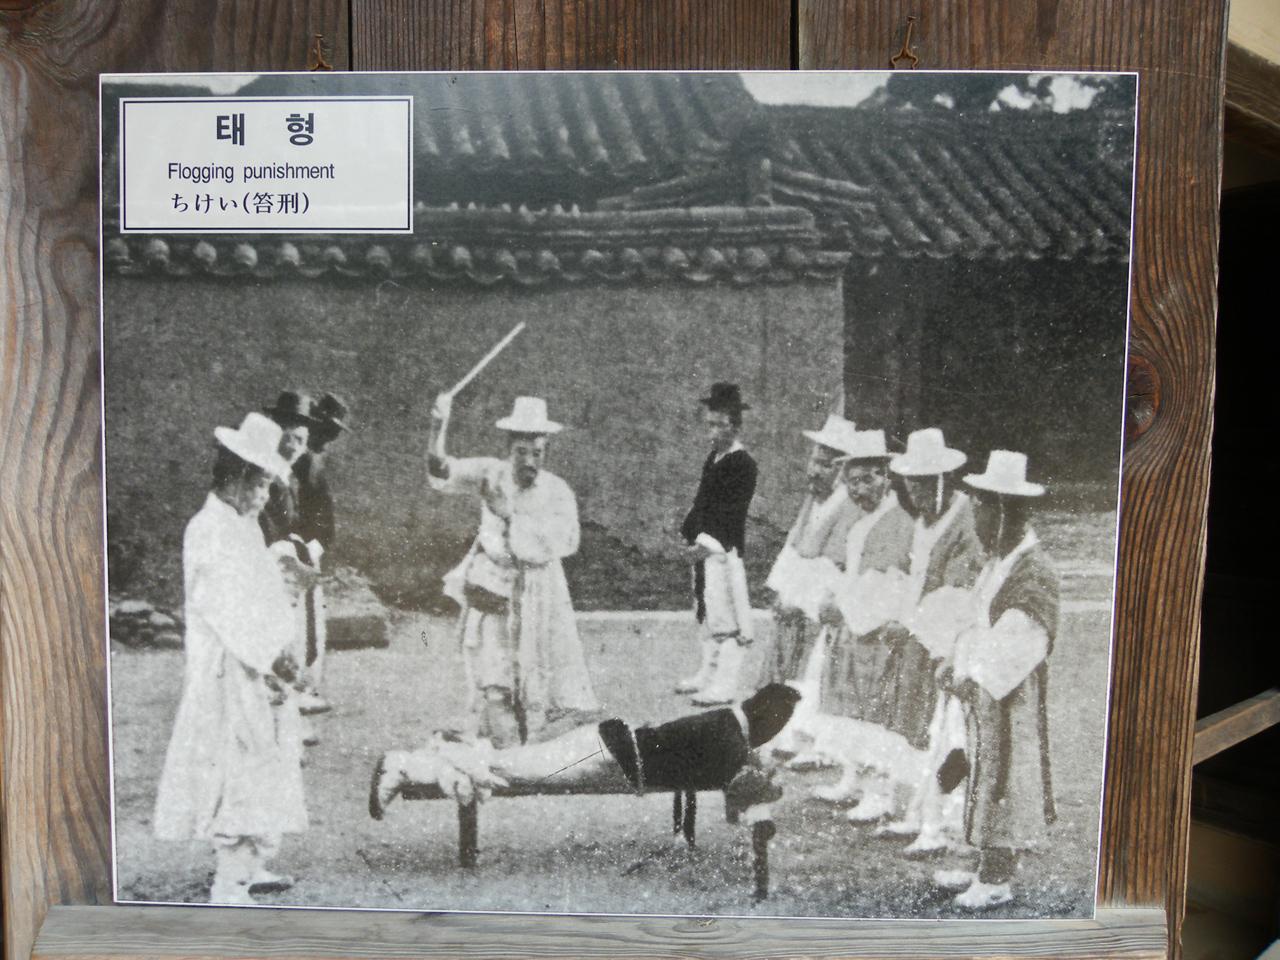 태형이 부과되는 모습. 한국민속촌에서 찍은 사진.